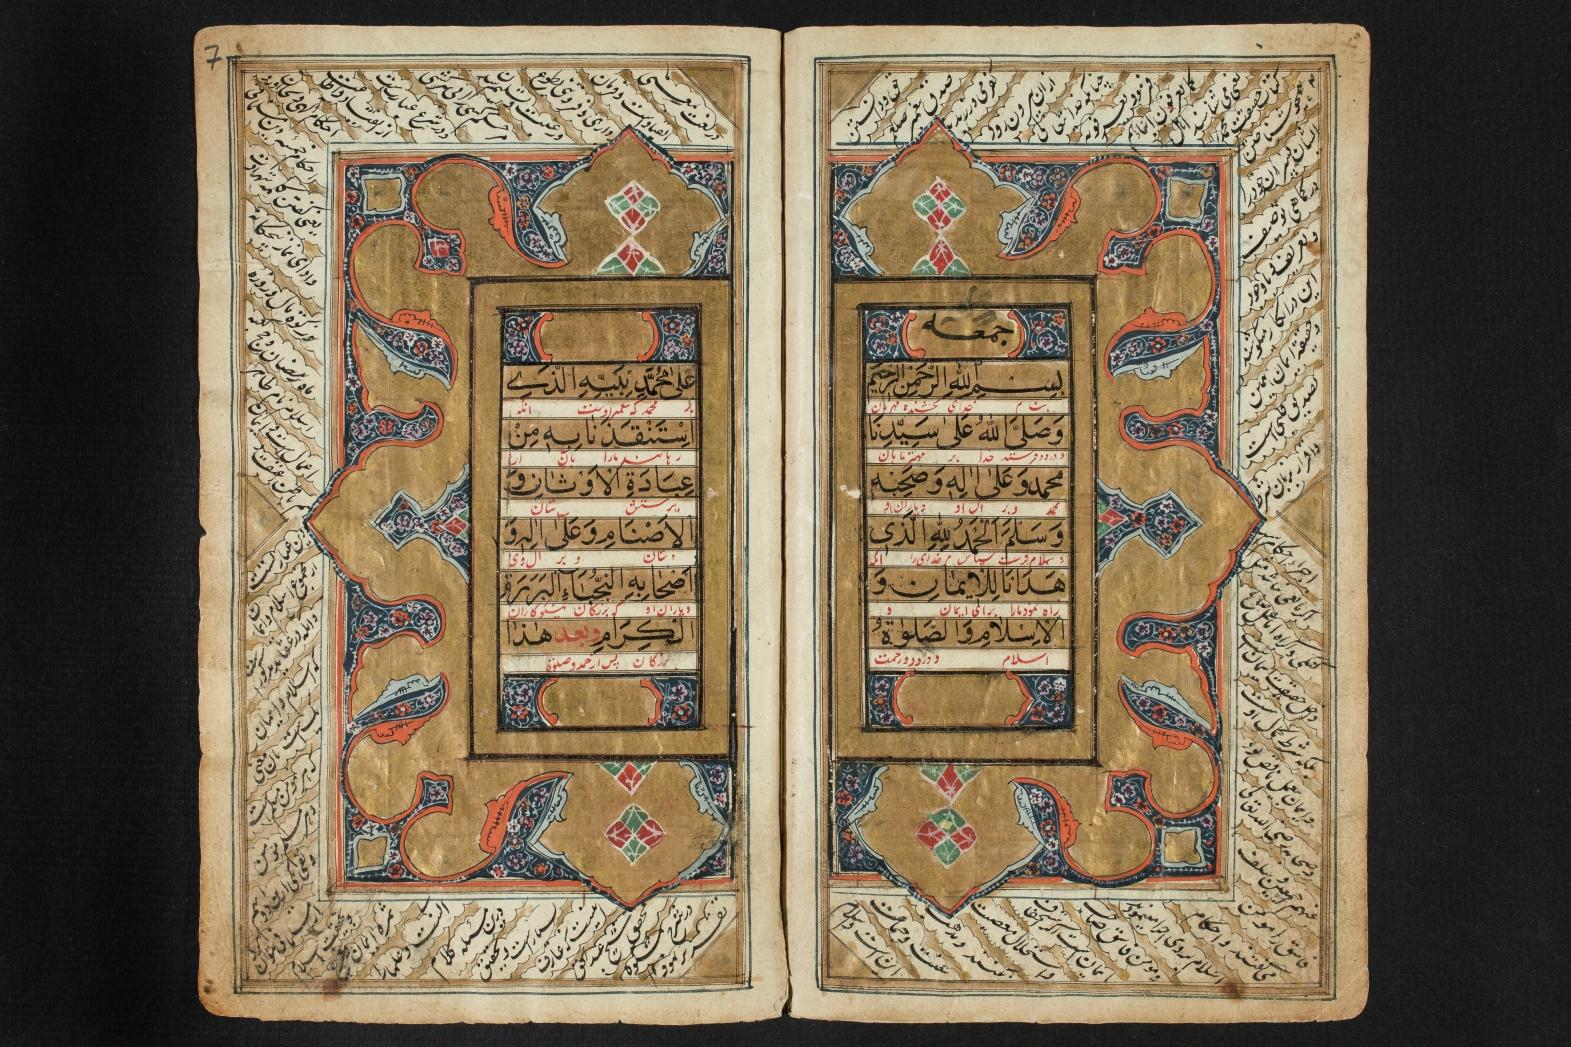 Geöffnete Handschrift mit arabischem Text, persischer Interlinearübersetzung und Kommentar